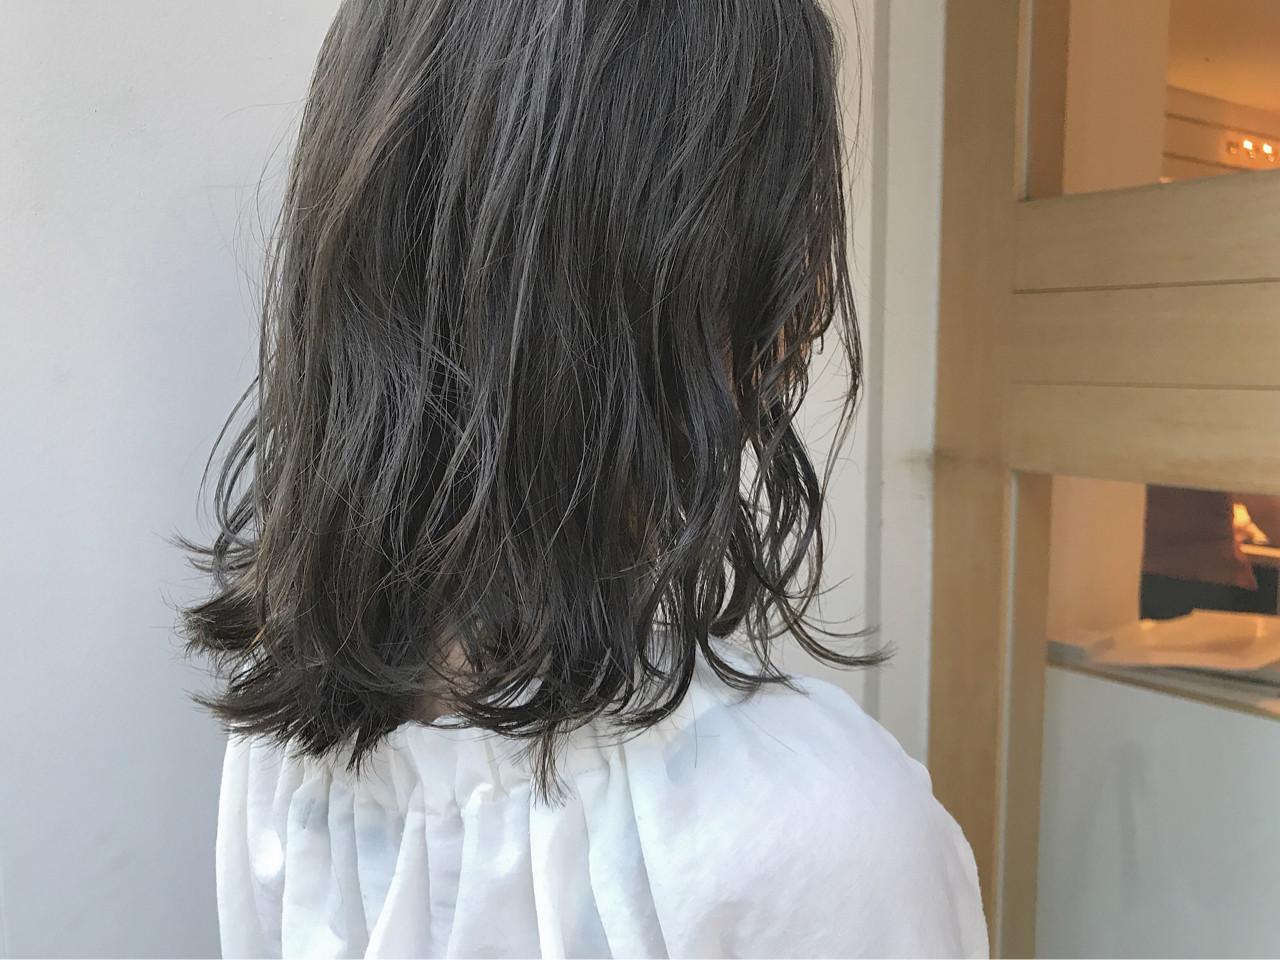 ハイライト 透明感 秋 ボブ ヘアスタイルや髪型の写真・画像 | KENTO.NOESALON / NOE SALON